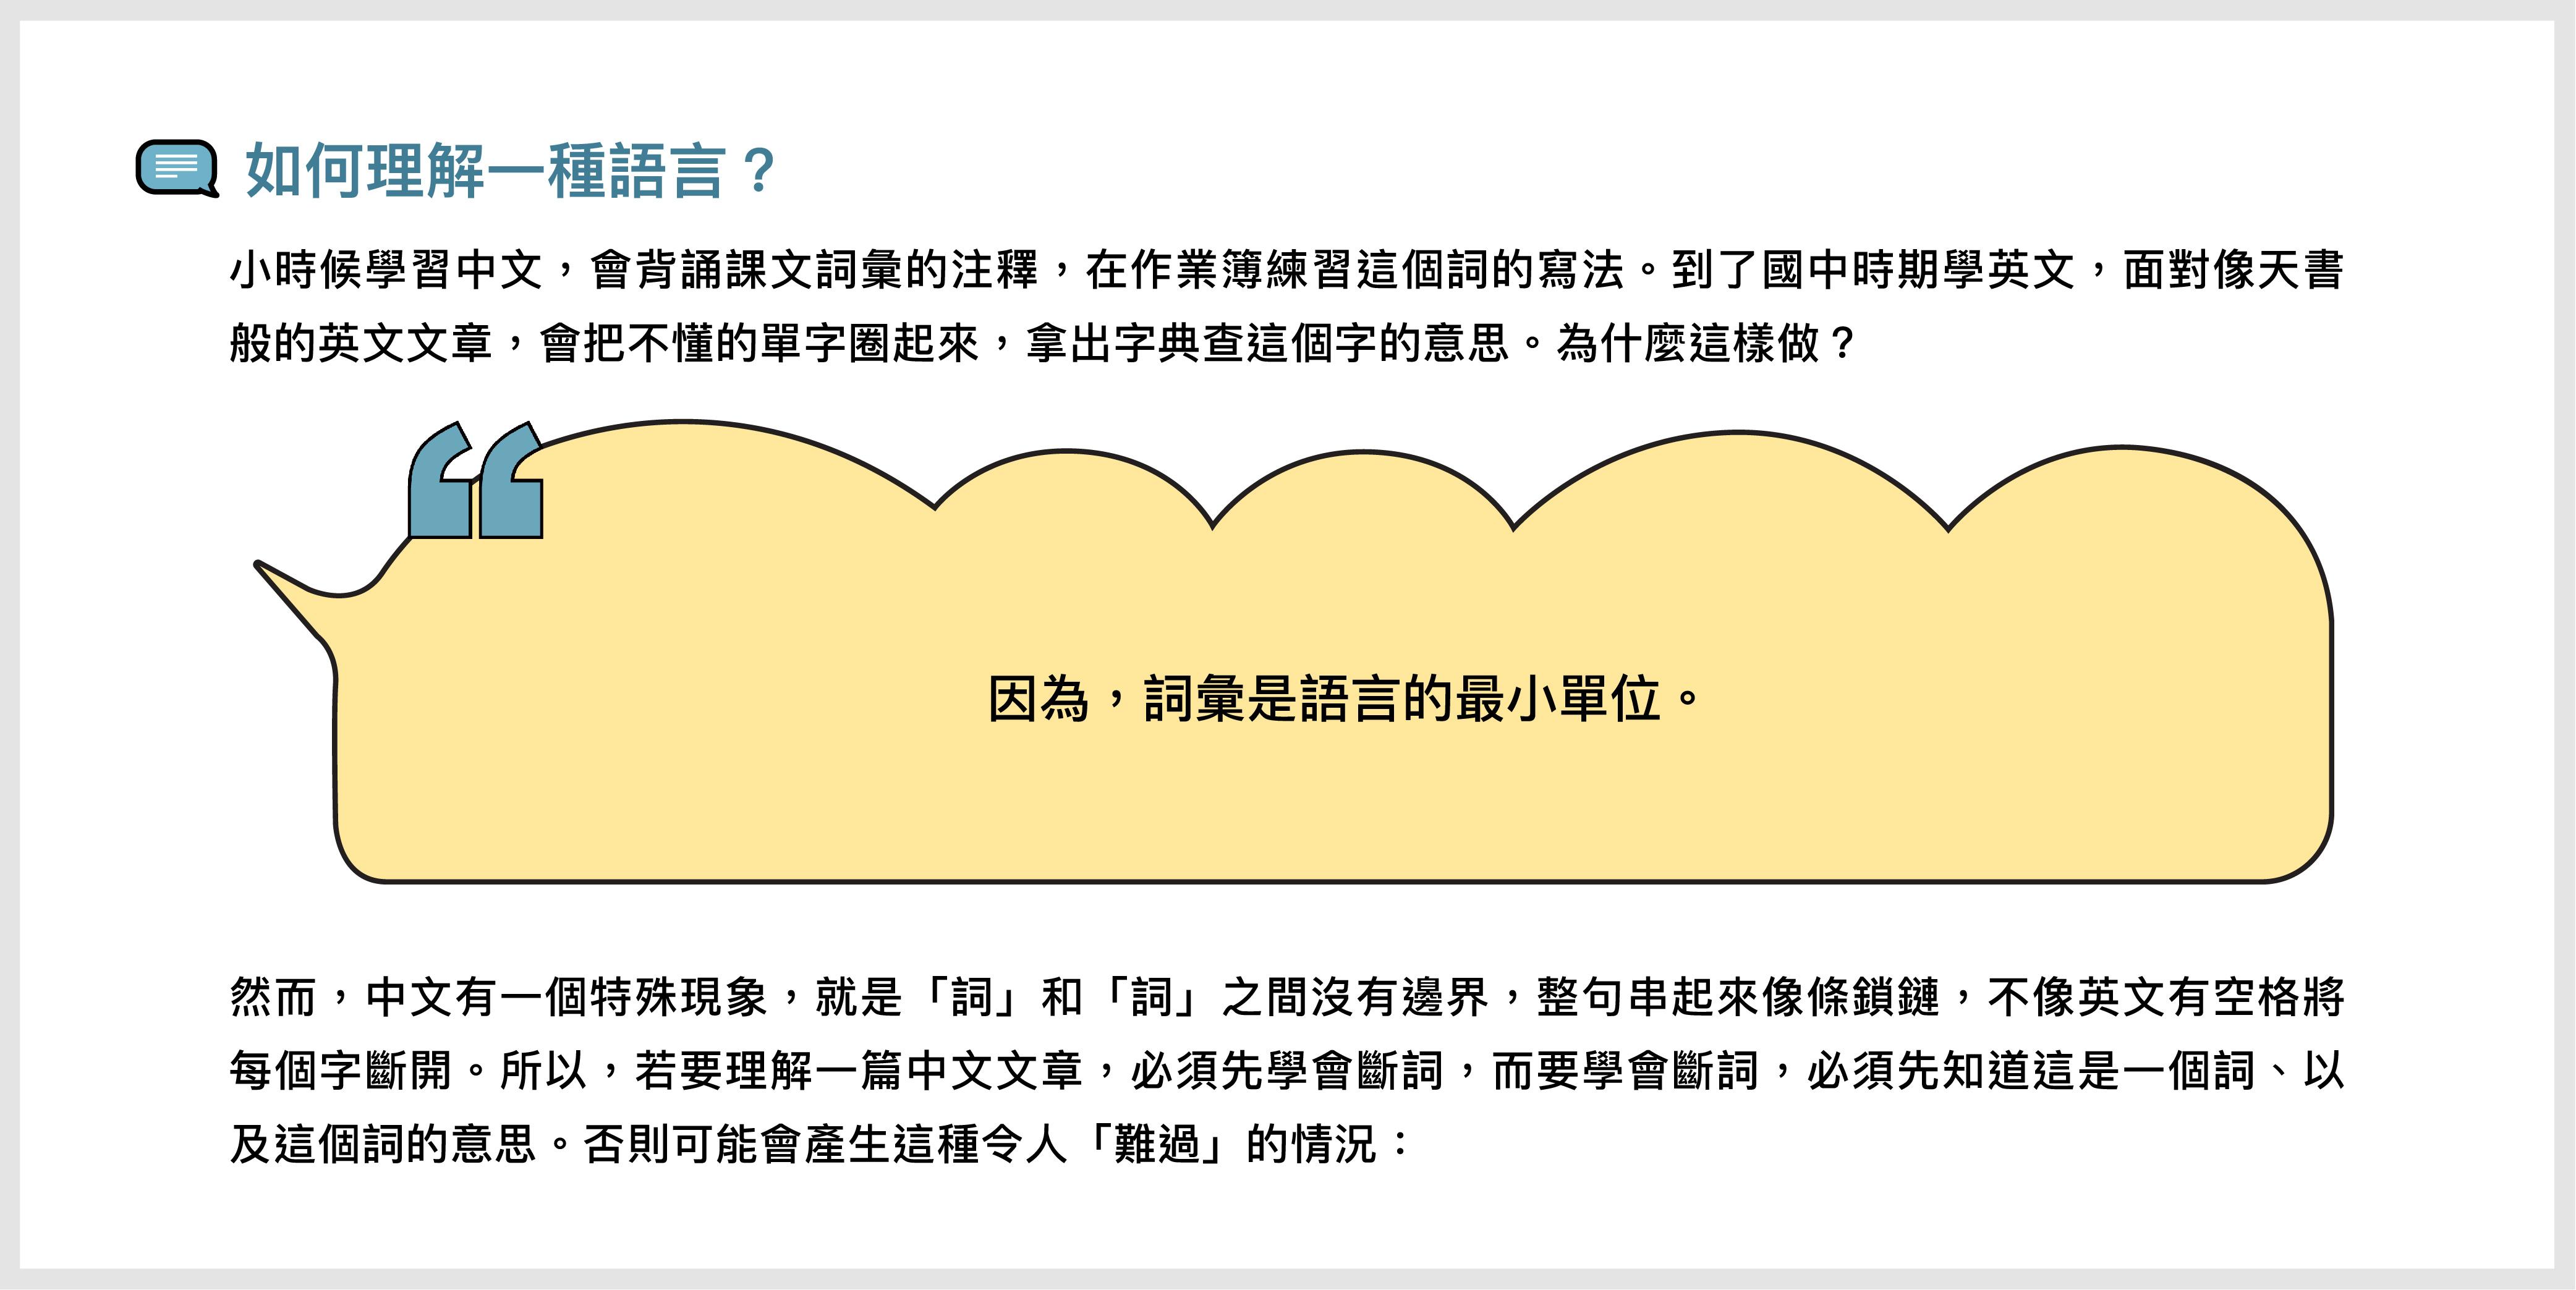 介面巧思一:提醒重點的雲朵框框。 圖片出處│斷開中文的鎖鍊!自然語言處理 (NLP)